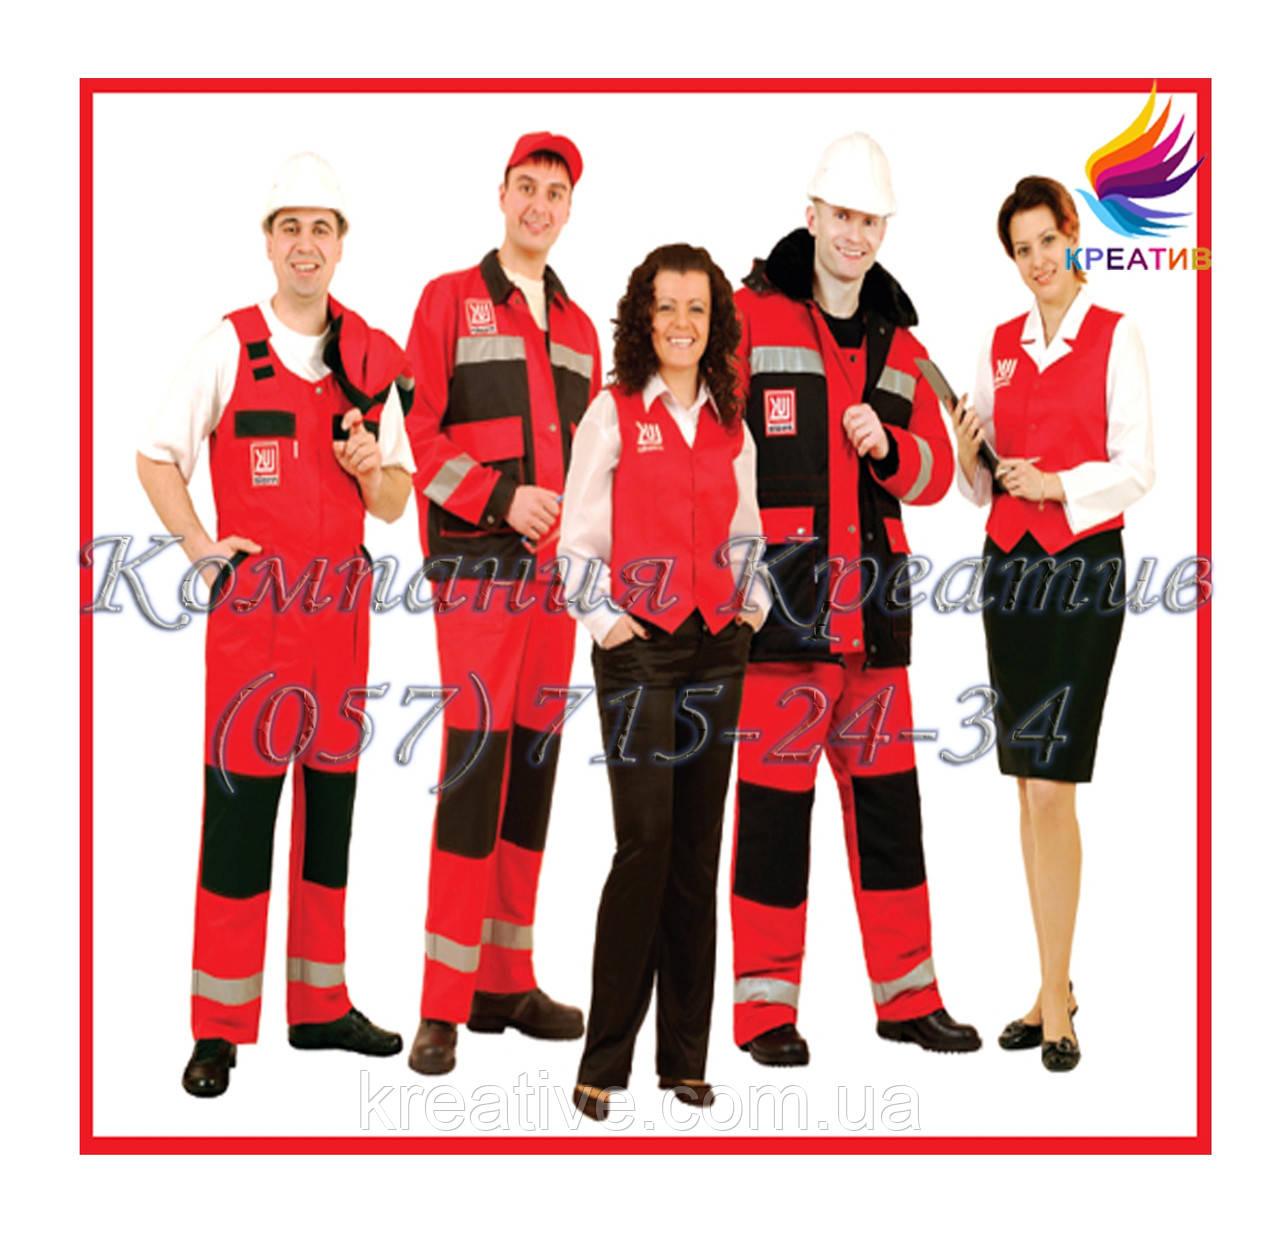 Корпоративный текстиль, брендирование (под заказ от 50 шт.)